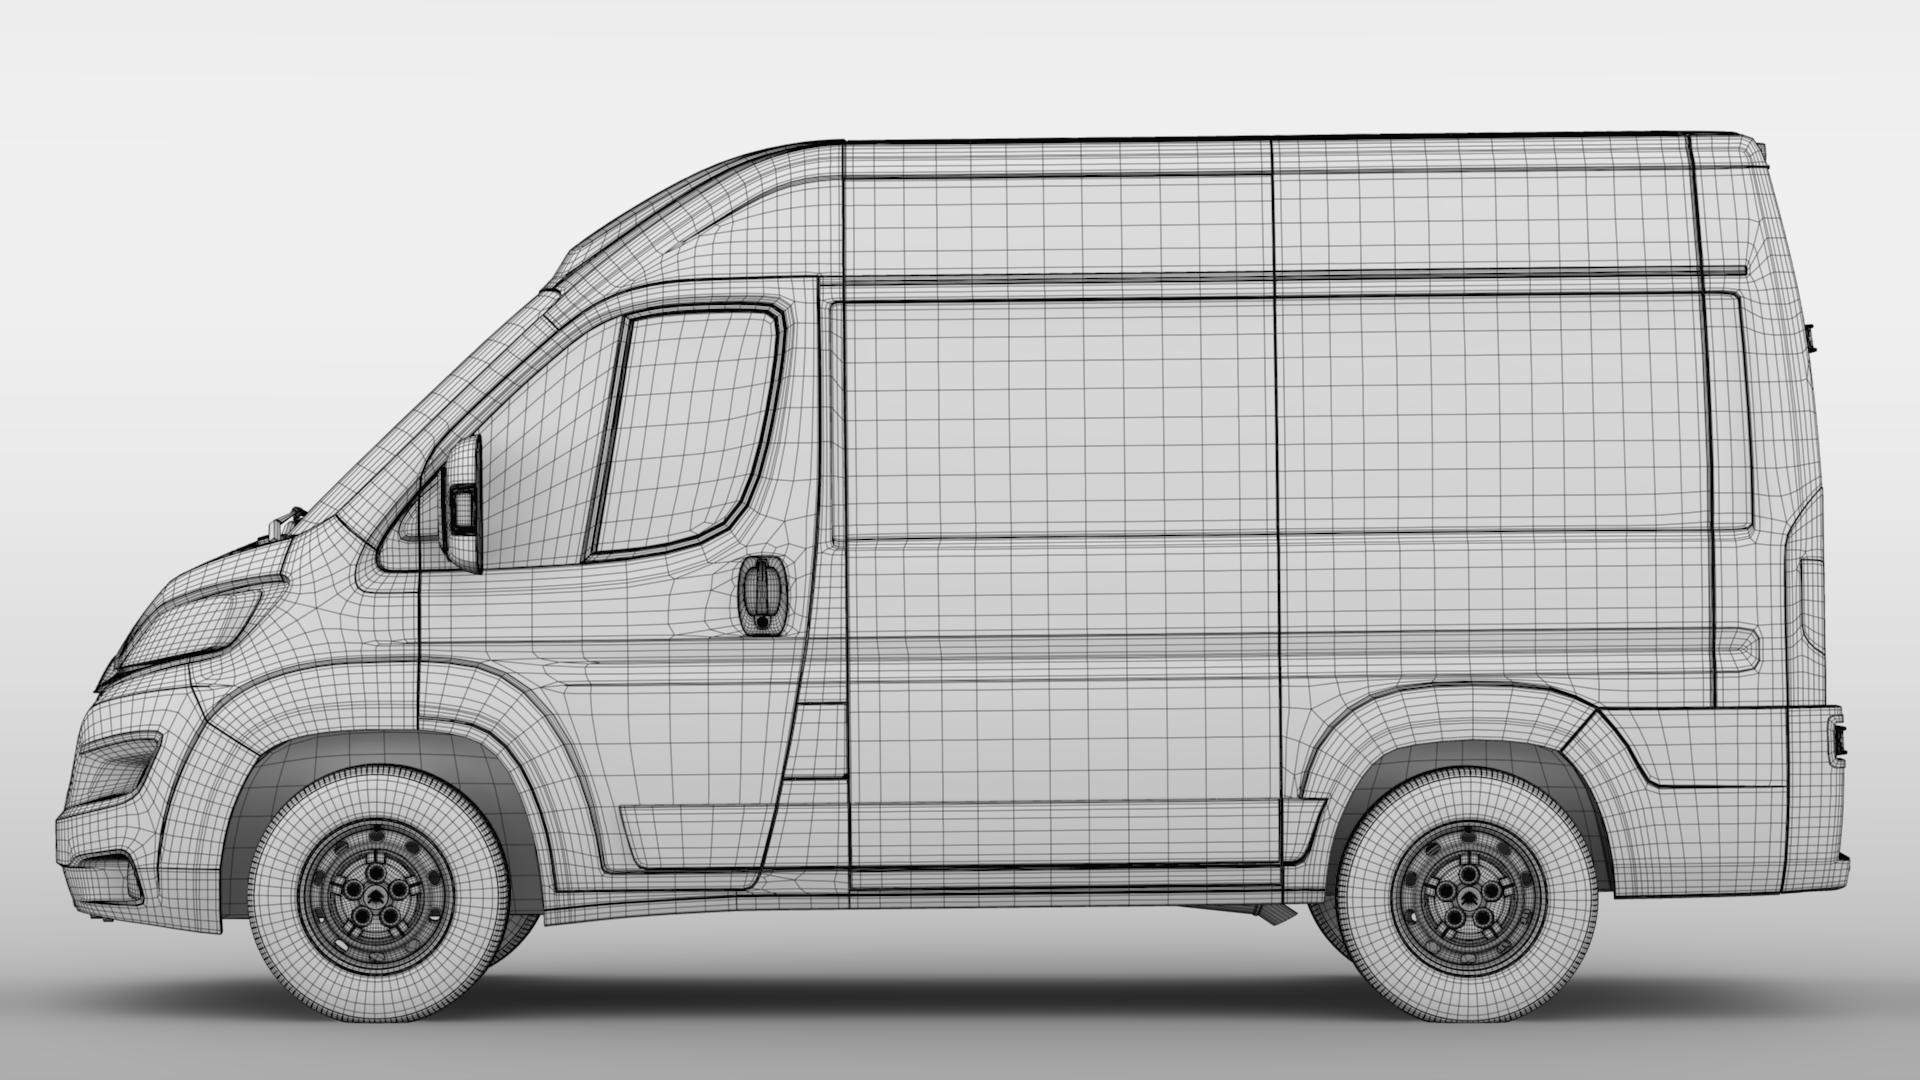 citroen jumper van l1h2 2017 3d model flatpyramid. Black Bedroom Furniture Sets. Home Design Ideas